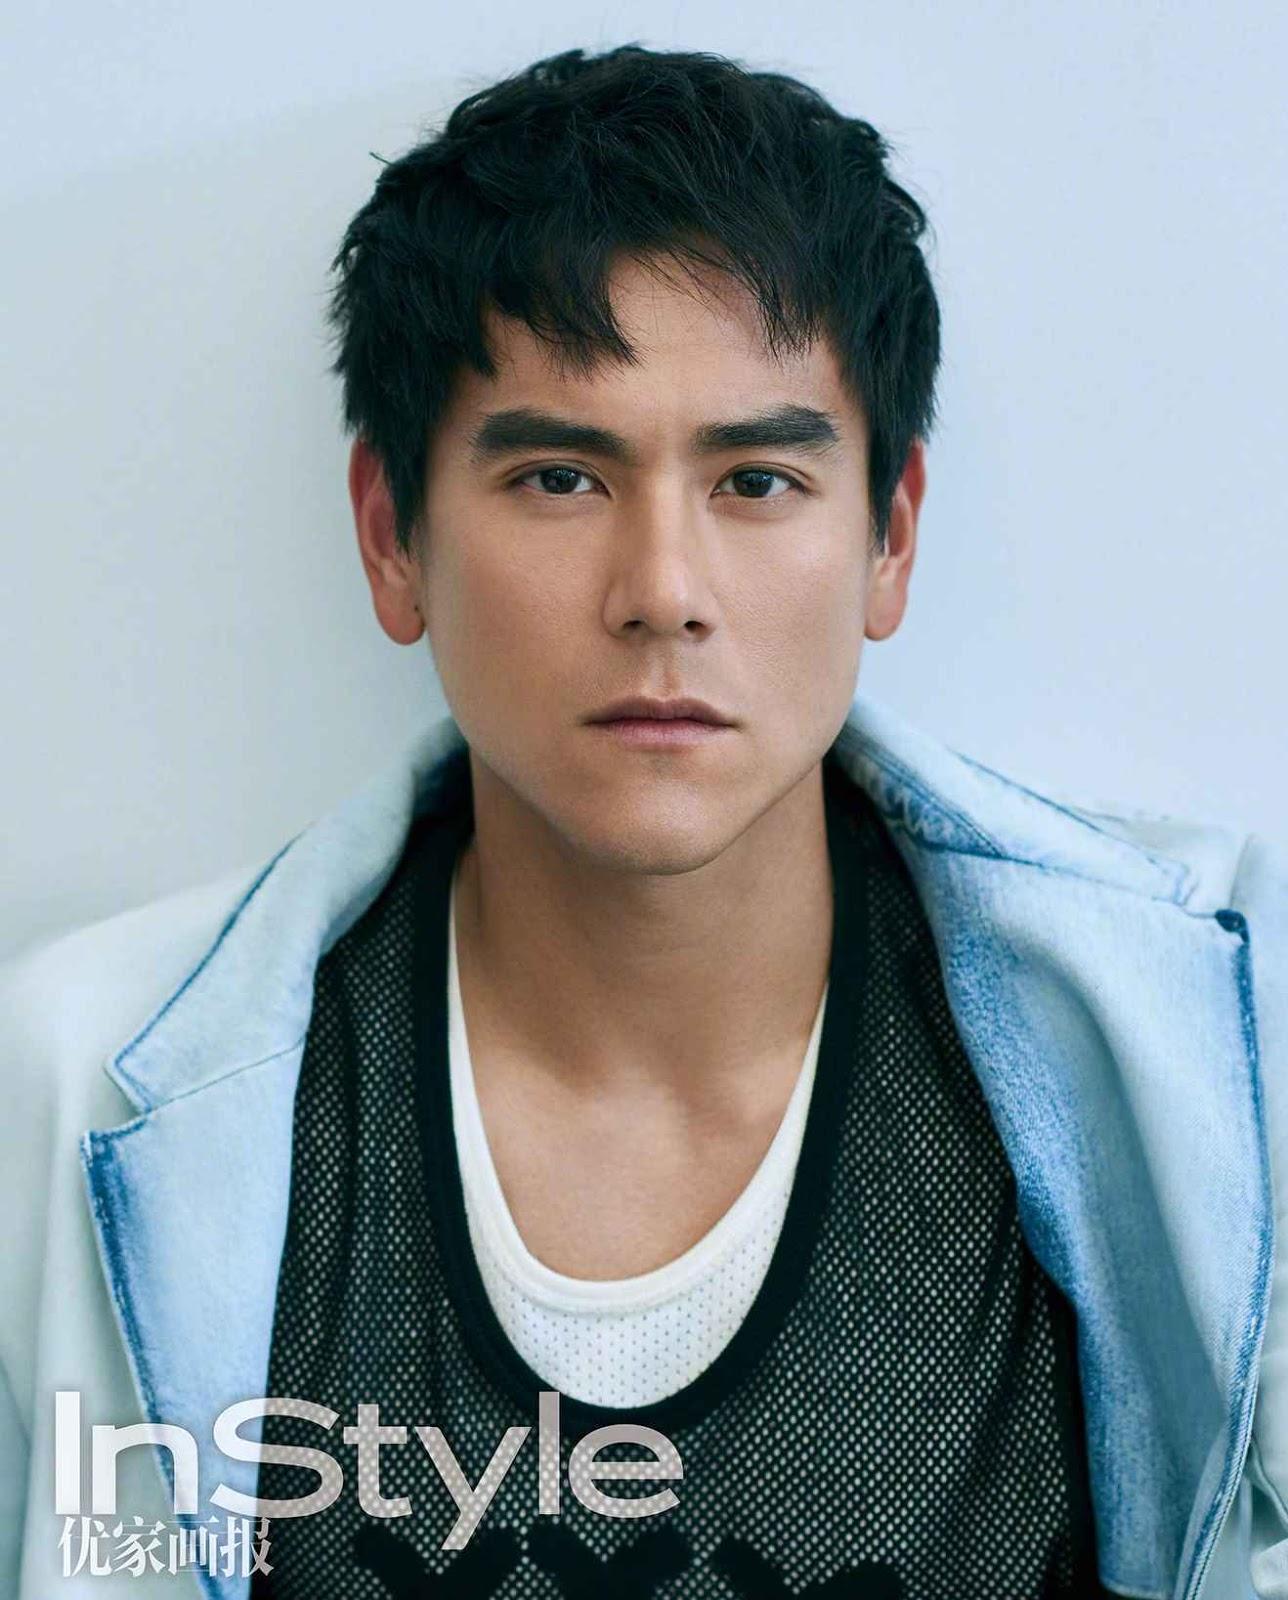 Eddie Peng